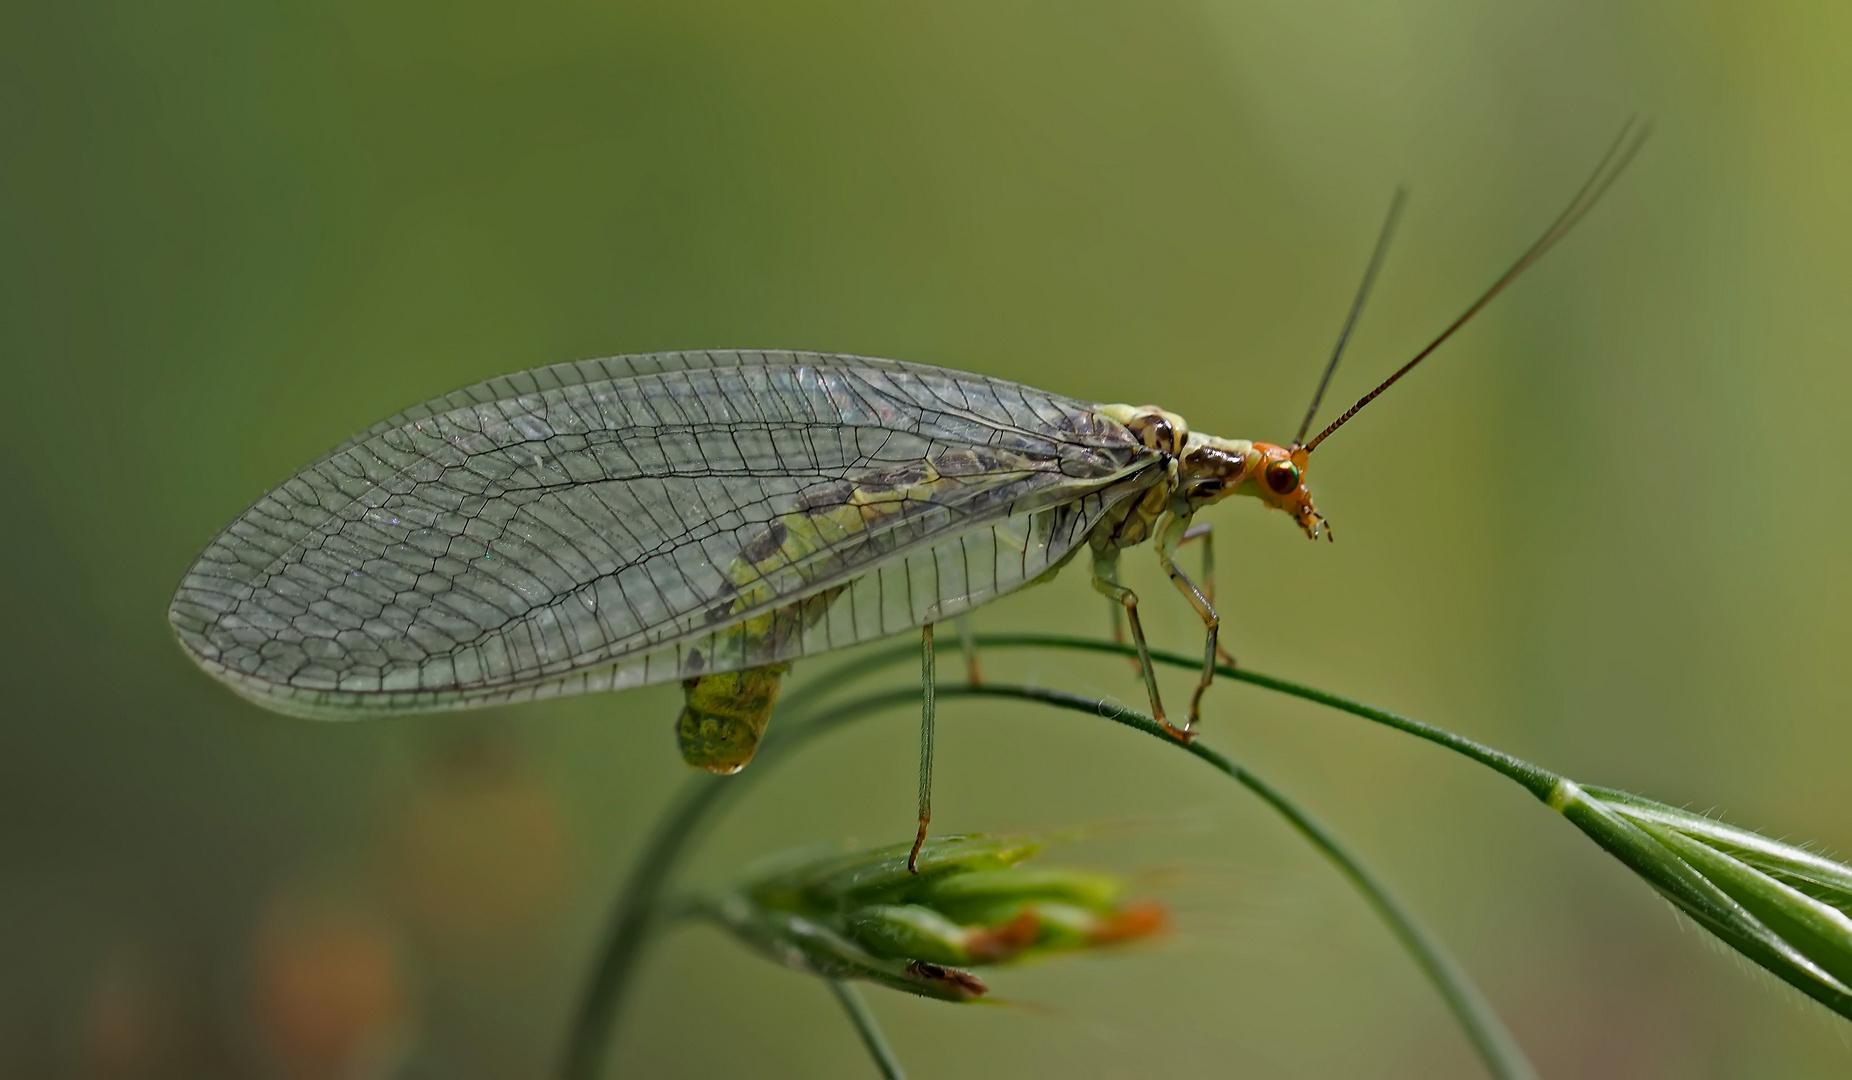 Die Florfliege, die nimmersatte Blattlausvertilgerin! * - La chrysope aime manger des pucerons...